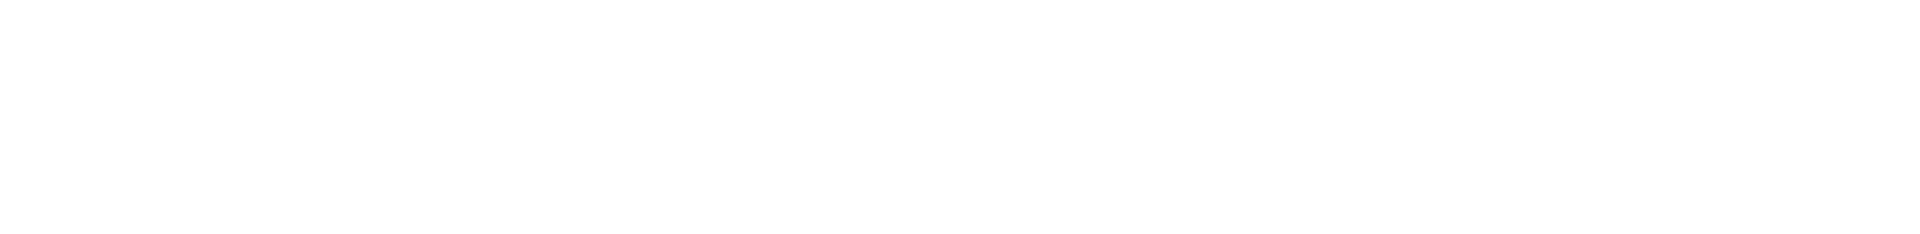 LepageespaIllus-copie-18